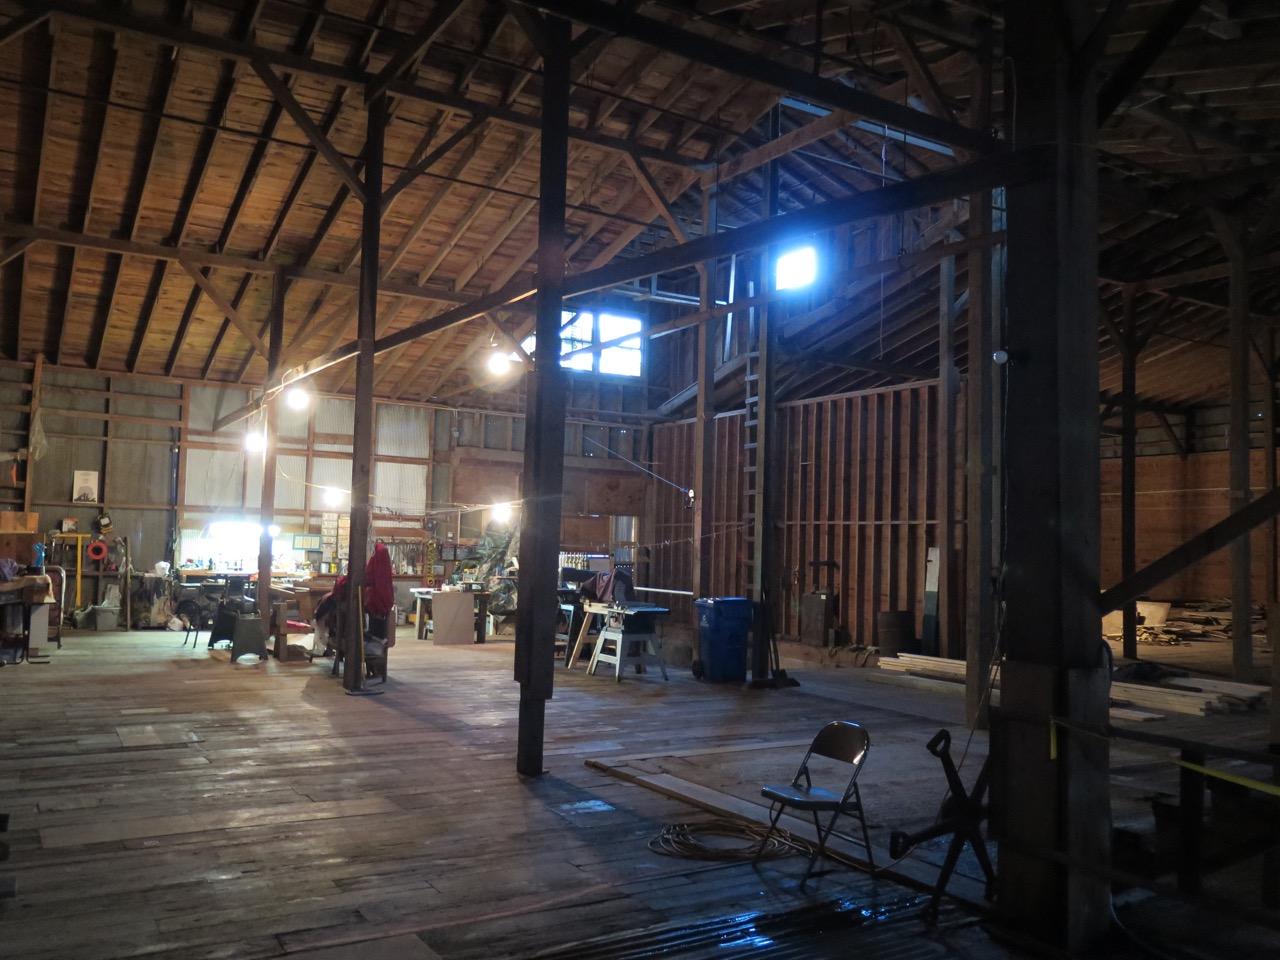 The factory's massive interior